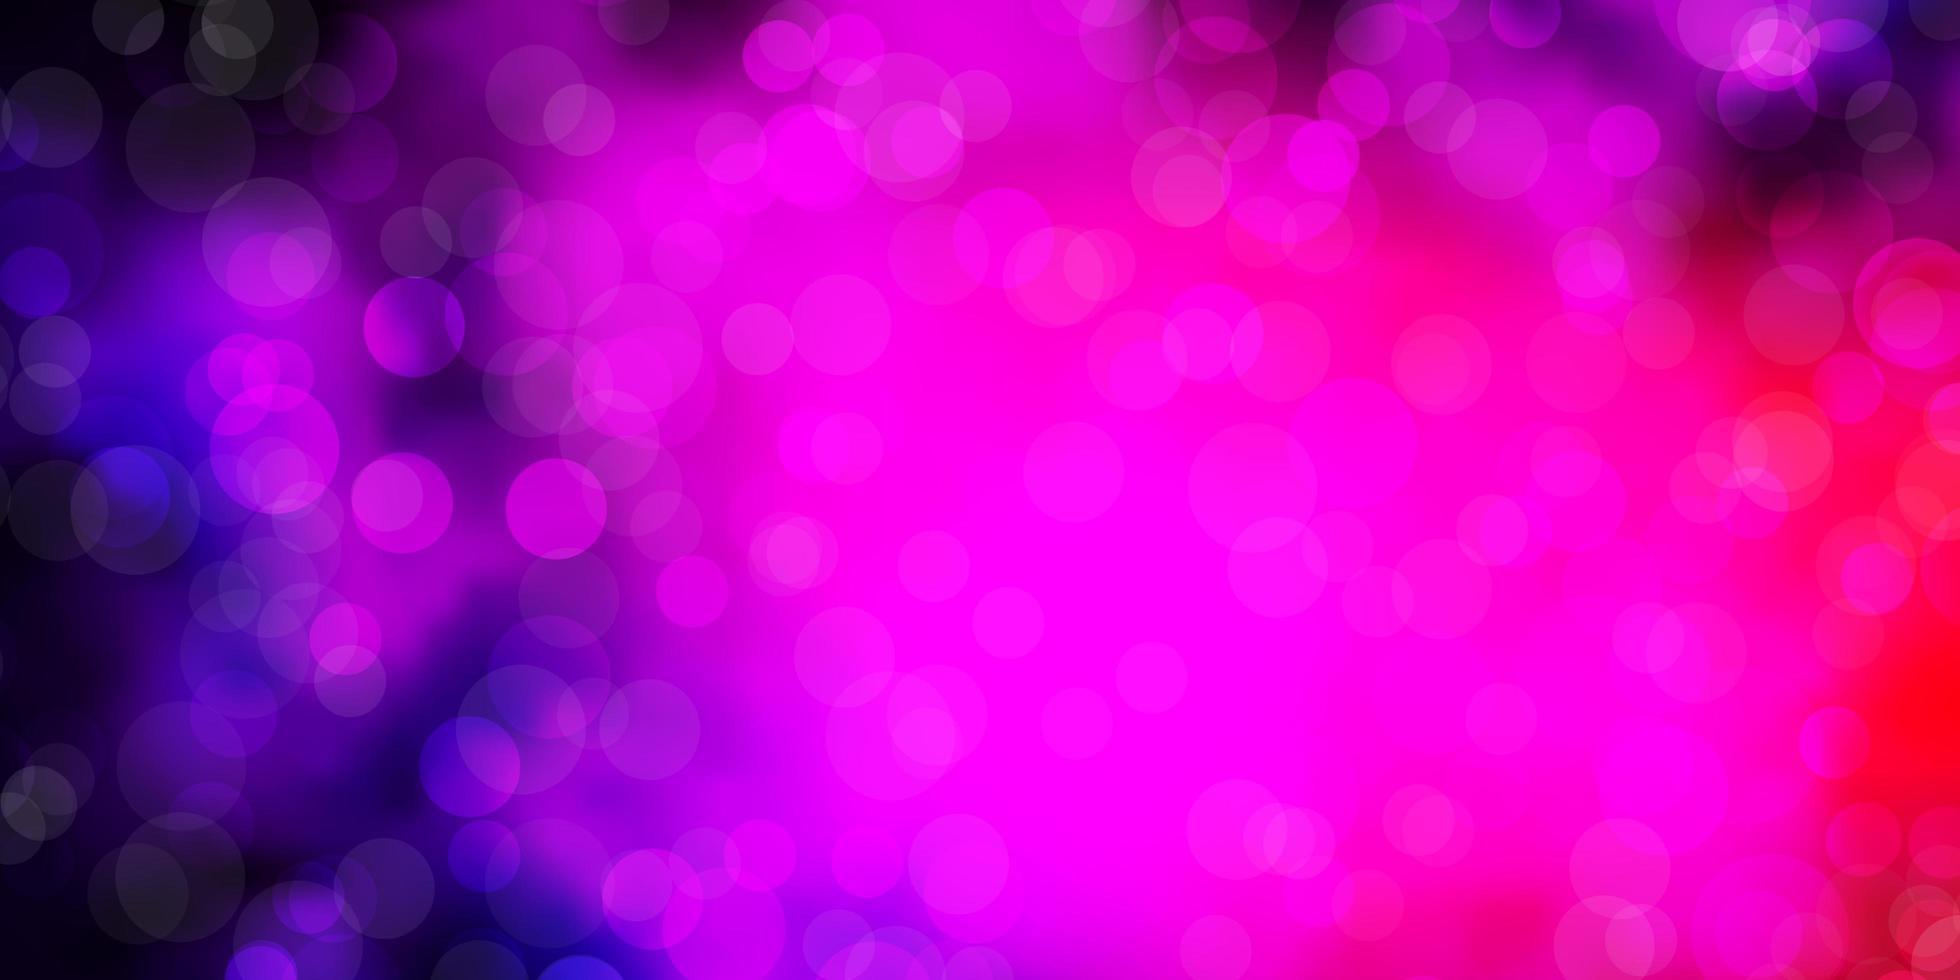 patrón de vector de color rosa oscuro, azul con círculos.